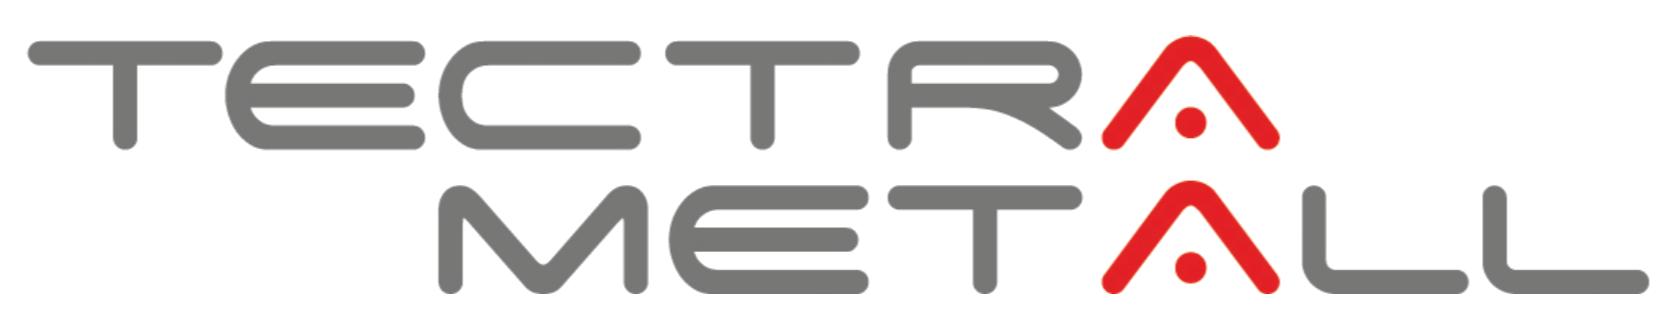 TECTRA-Metall GmbH - Metalltechnik Linz - Oberösterreich | Ihr Fachmann für im Bereich: Buswartehäuser, Müllplatzüberdachungen, Raucherkabinen, Toilettenanlagen, Vordächer, Fahnenmasten, Poller, Schranken, Wegesperren,